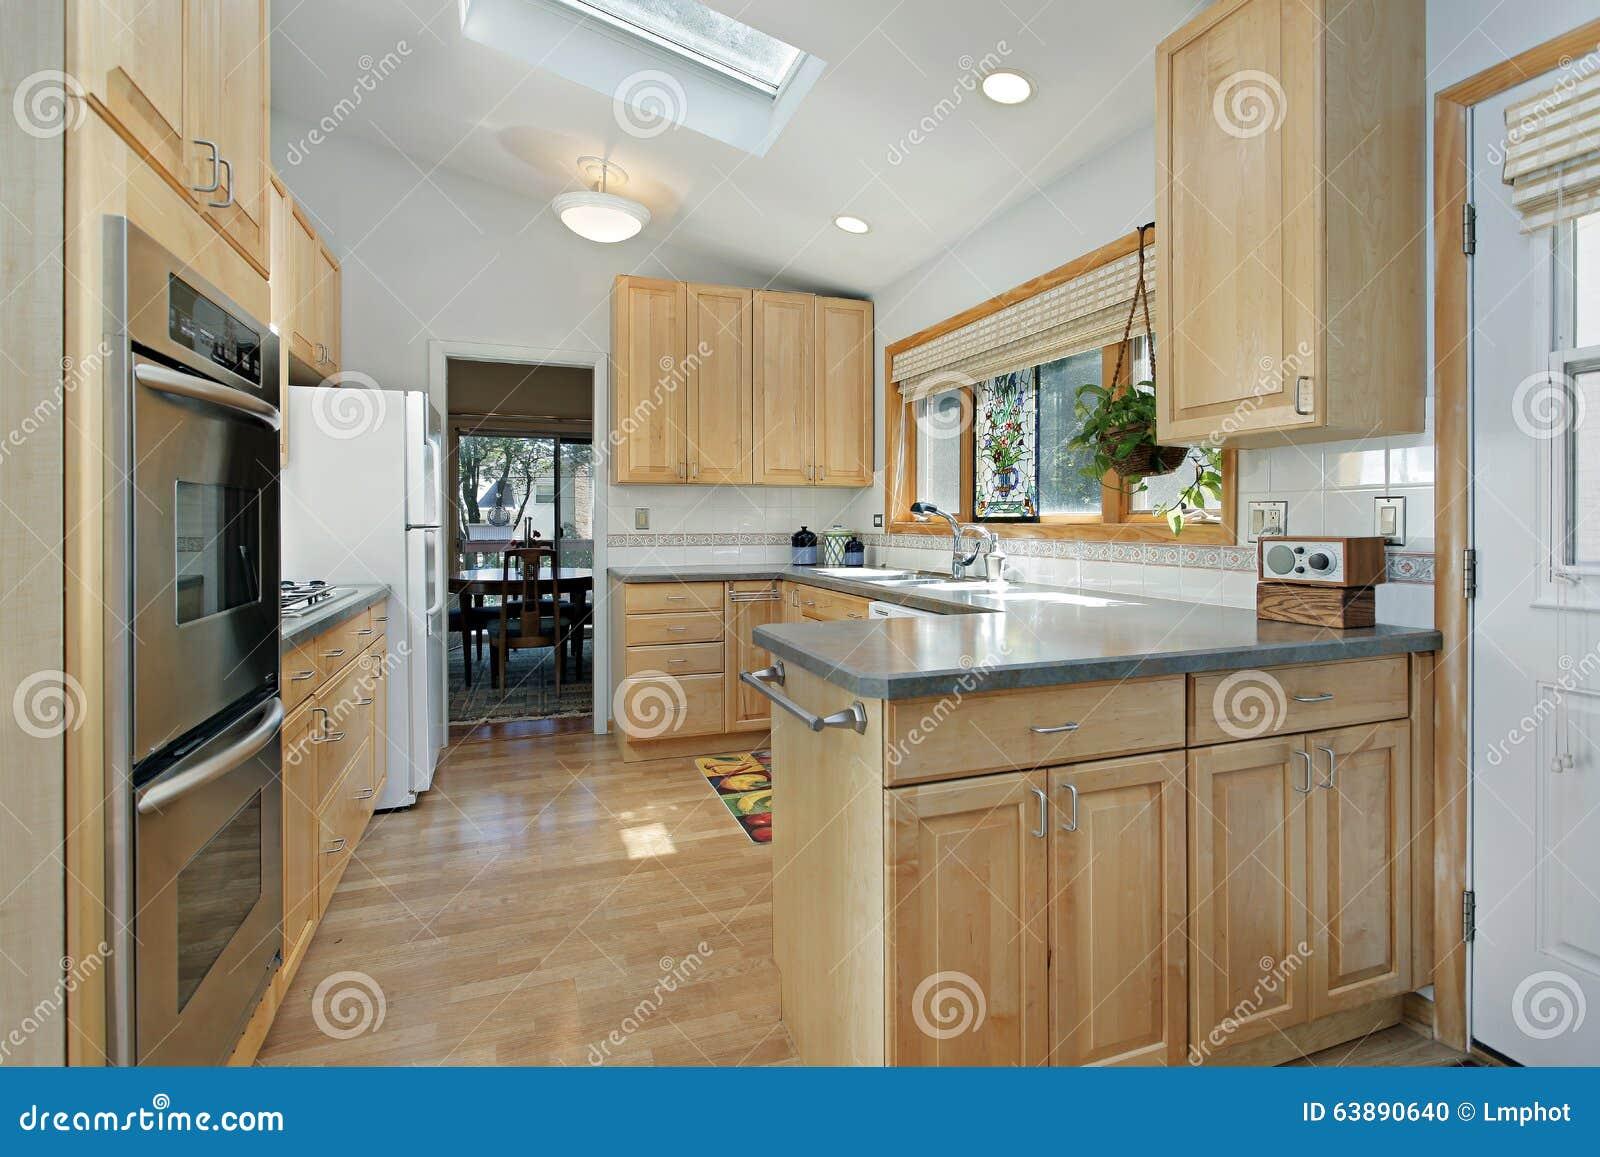 Keuken Met Dakraam : Keuken met dakraam stock foto. afbeelding bestaande uit huis 63890640